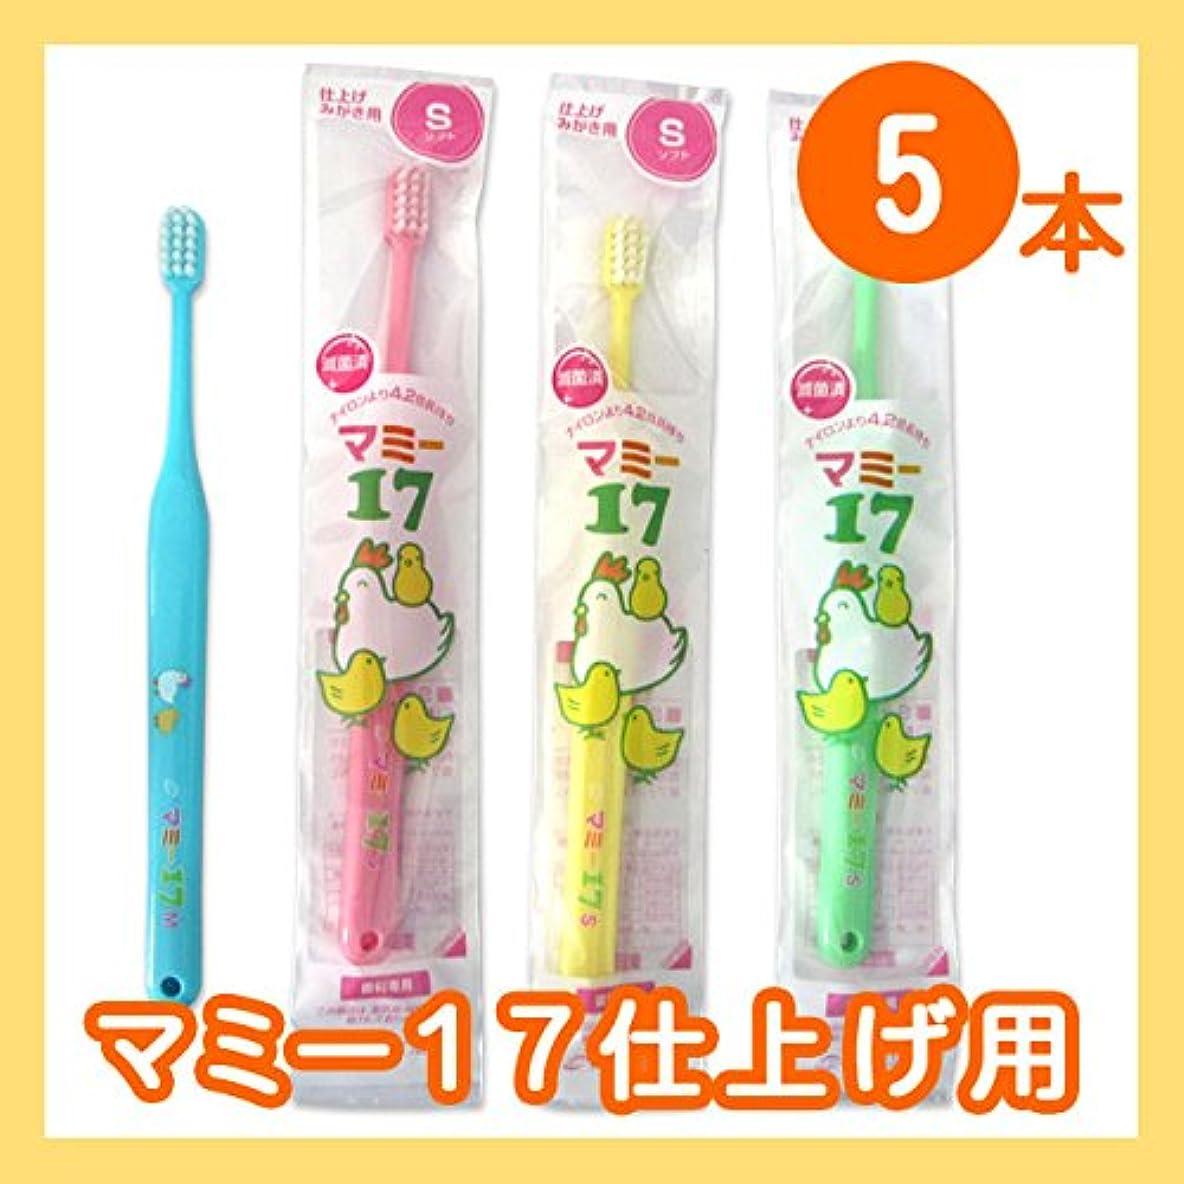 ページこれらやりすぎオーラルケア マミー17 子供 点検?仕上げ磨き用 歯ブラシ 5本セットソフト イエロー